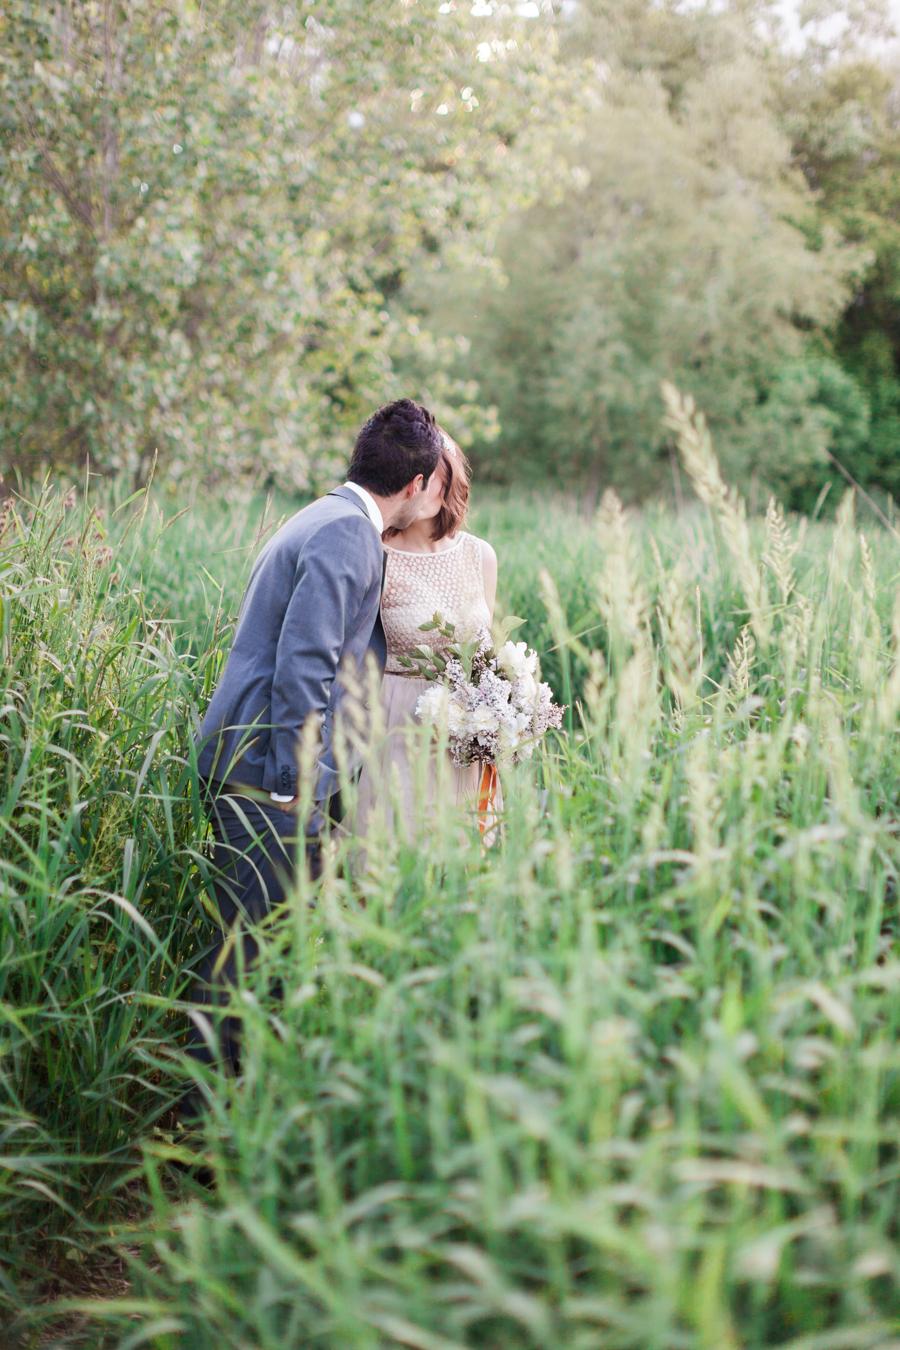 kateweinsteinphoto_megan_chris_wedding_shoot_3.jpg